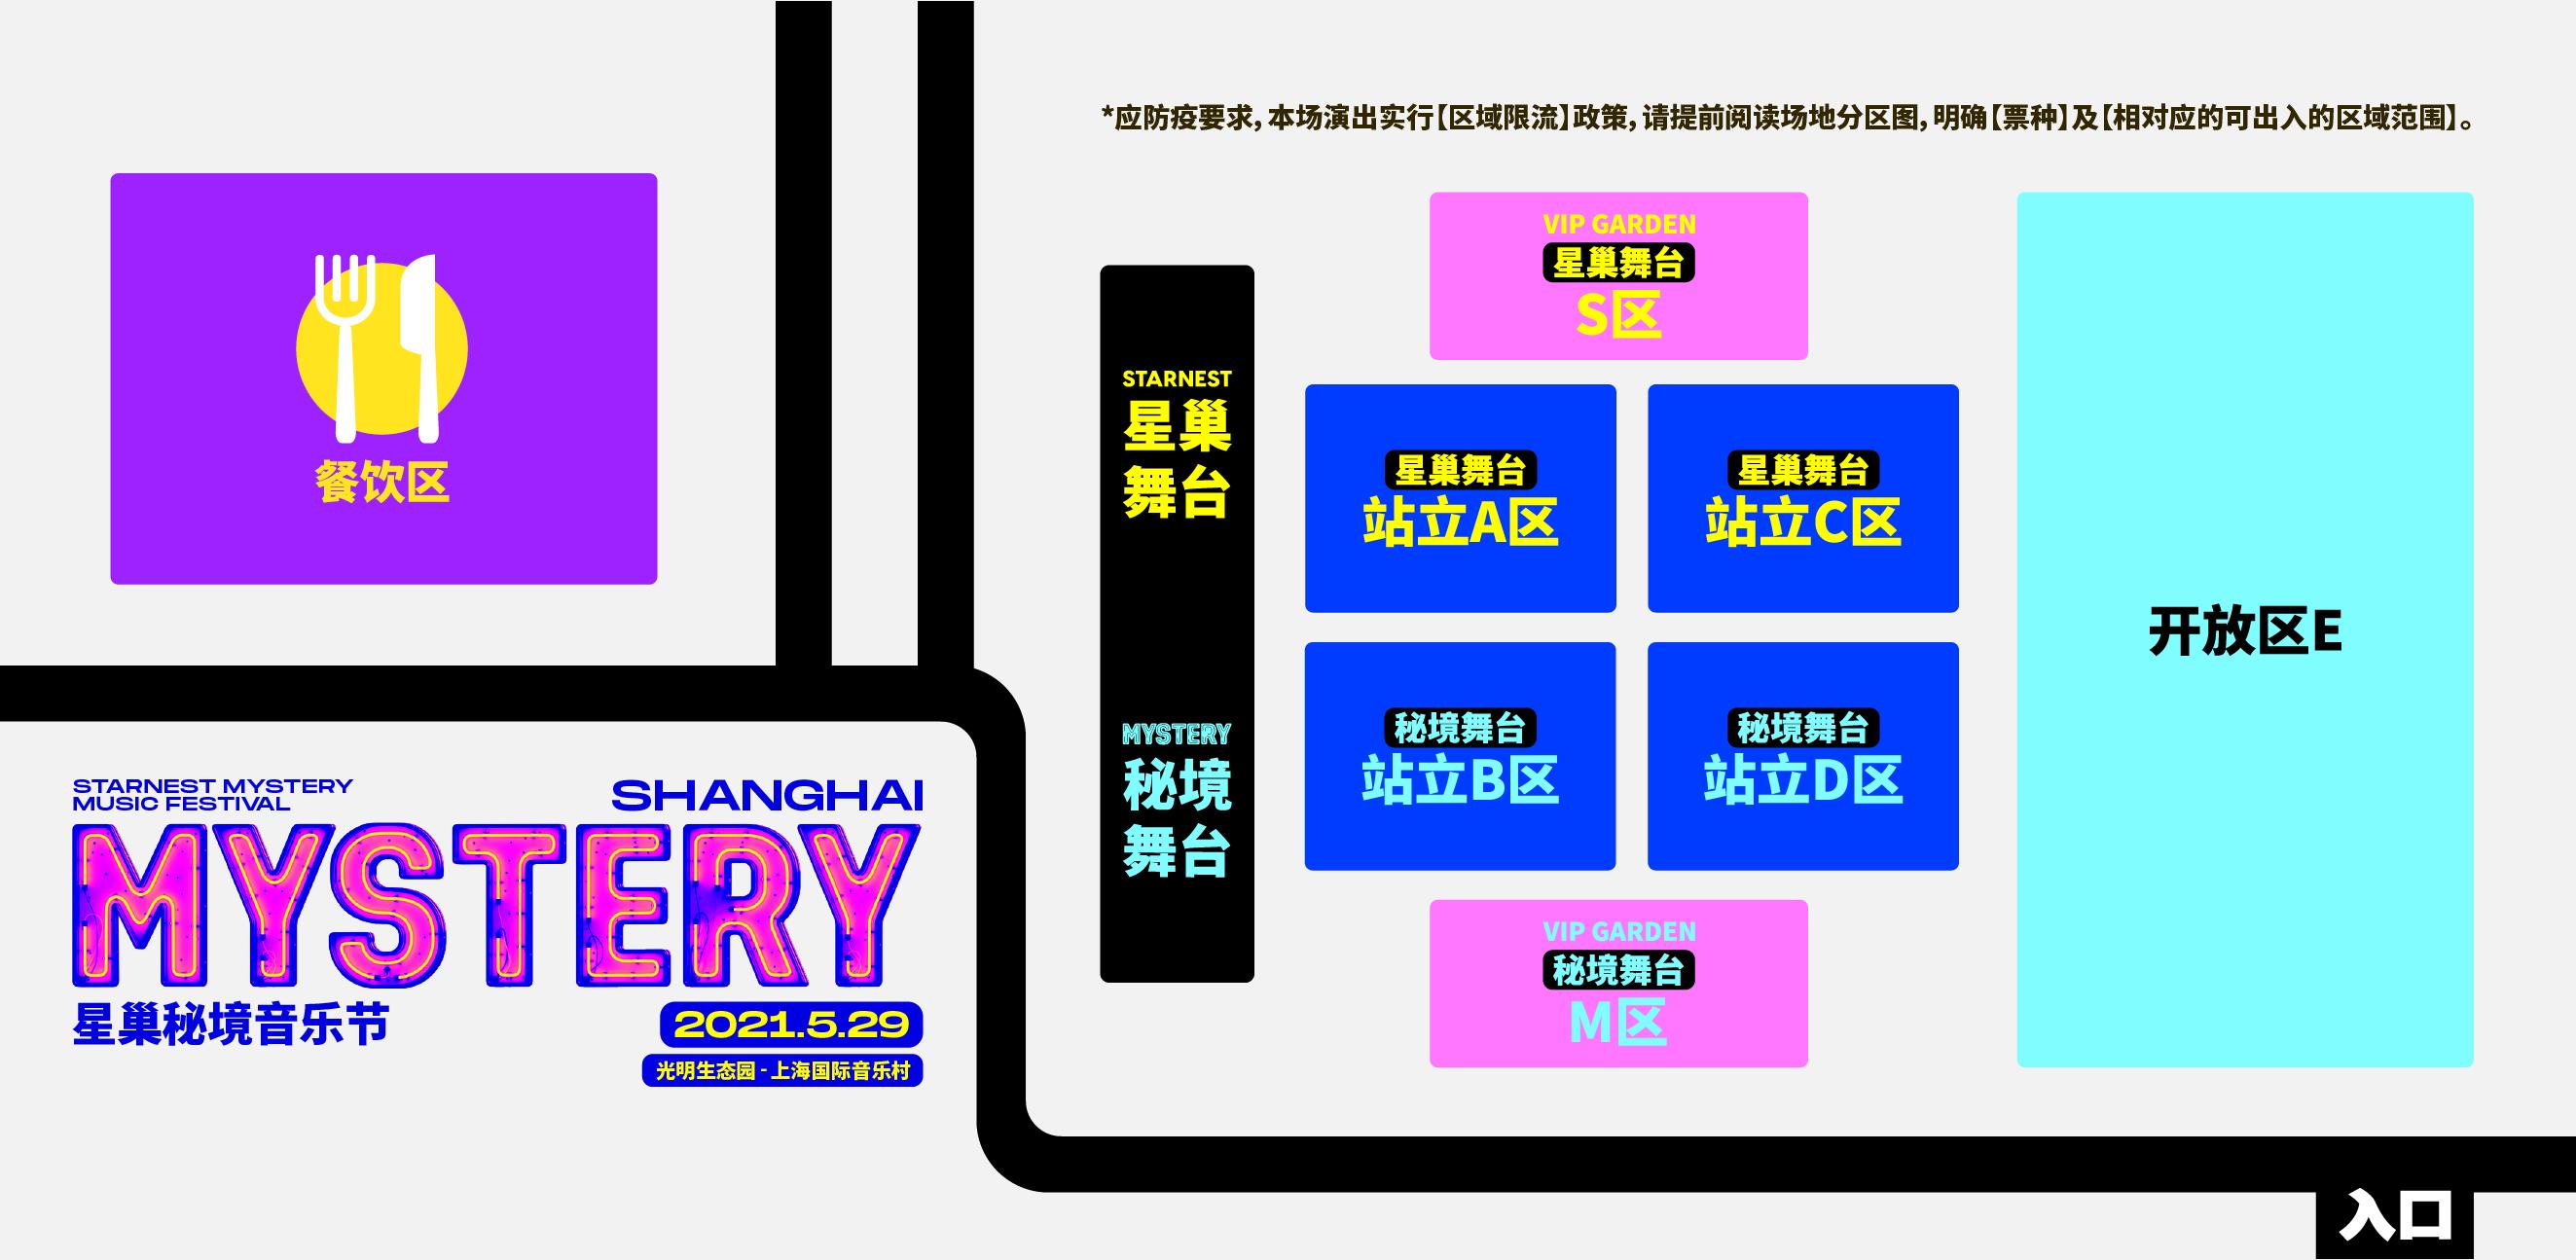 【上海站】强实名「小鬼/郭顶/刺猬/姜云升」星巢秘境音乐节 不可转让不可退